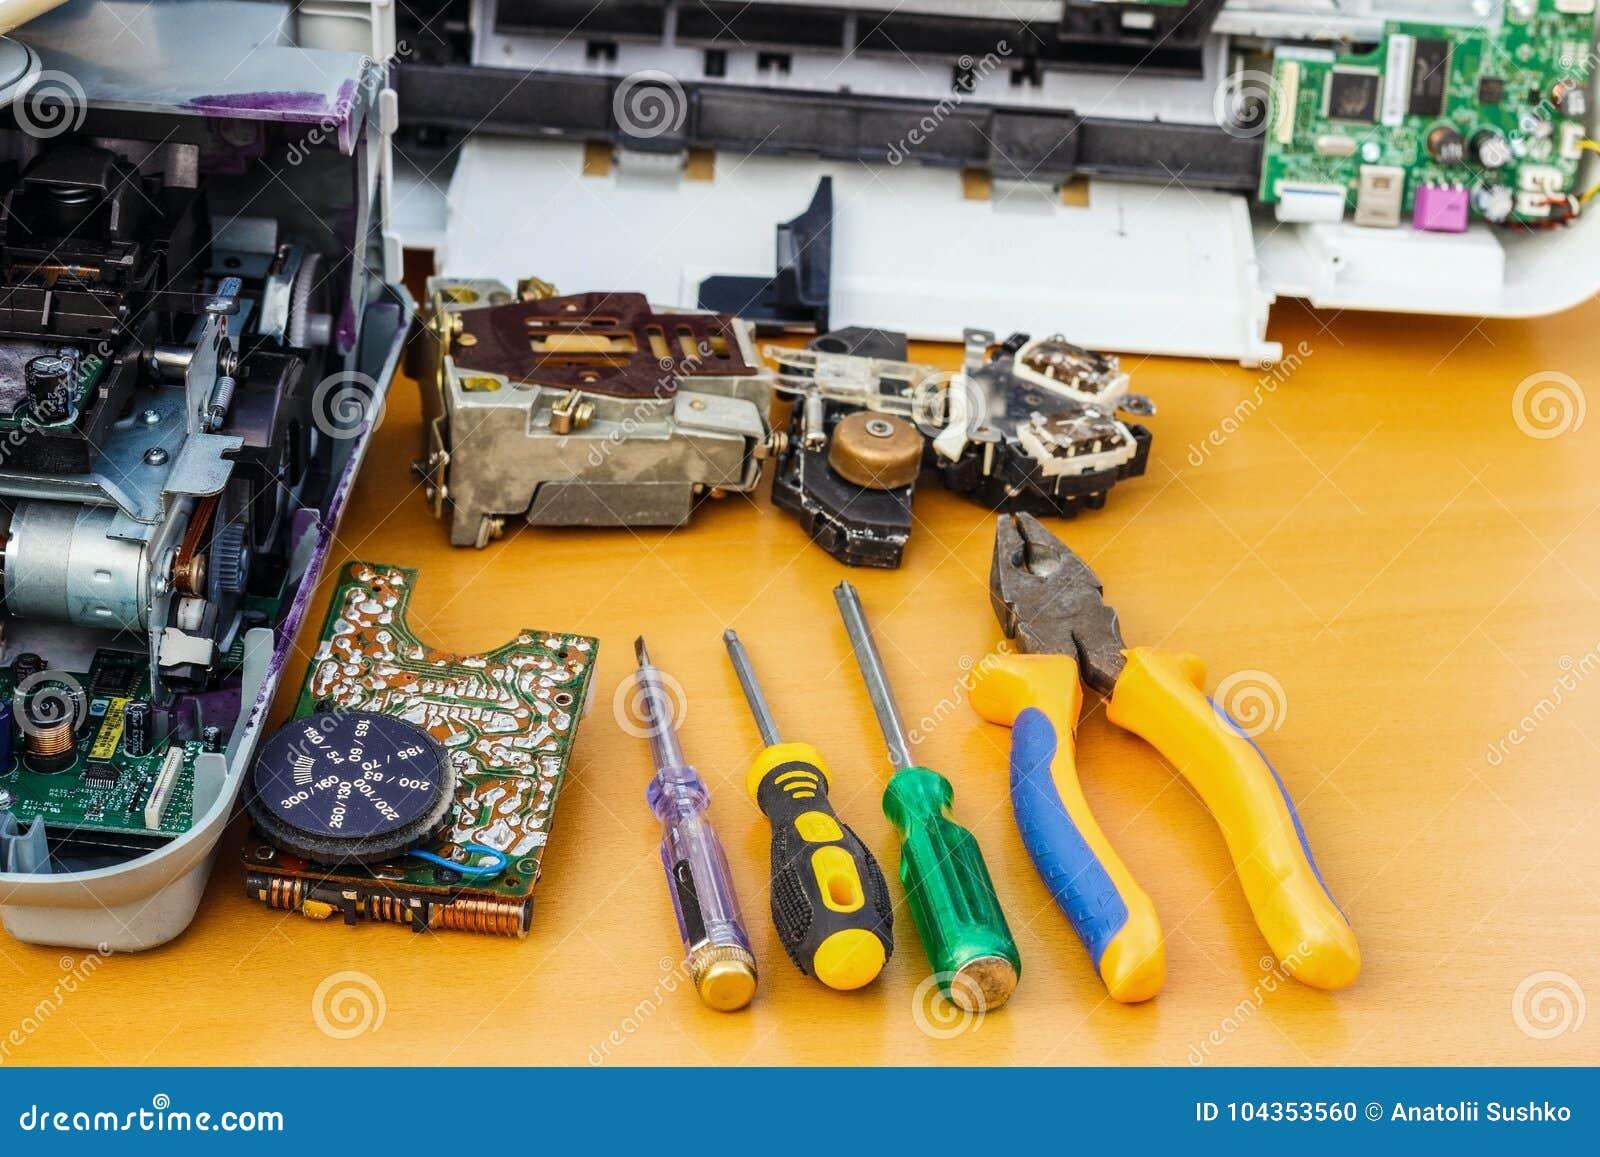 Op de Desktop is gedemonteerde materiaal en hulpmiddelen voor reparatie